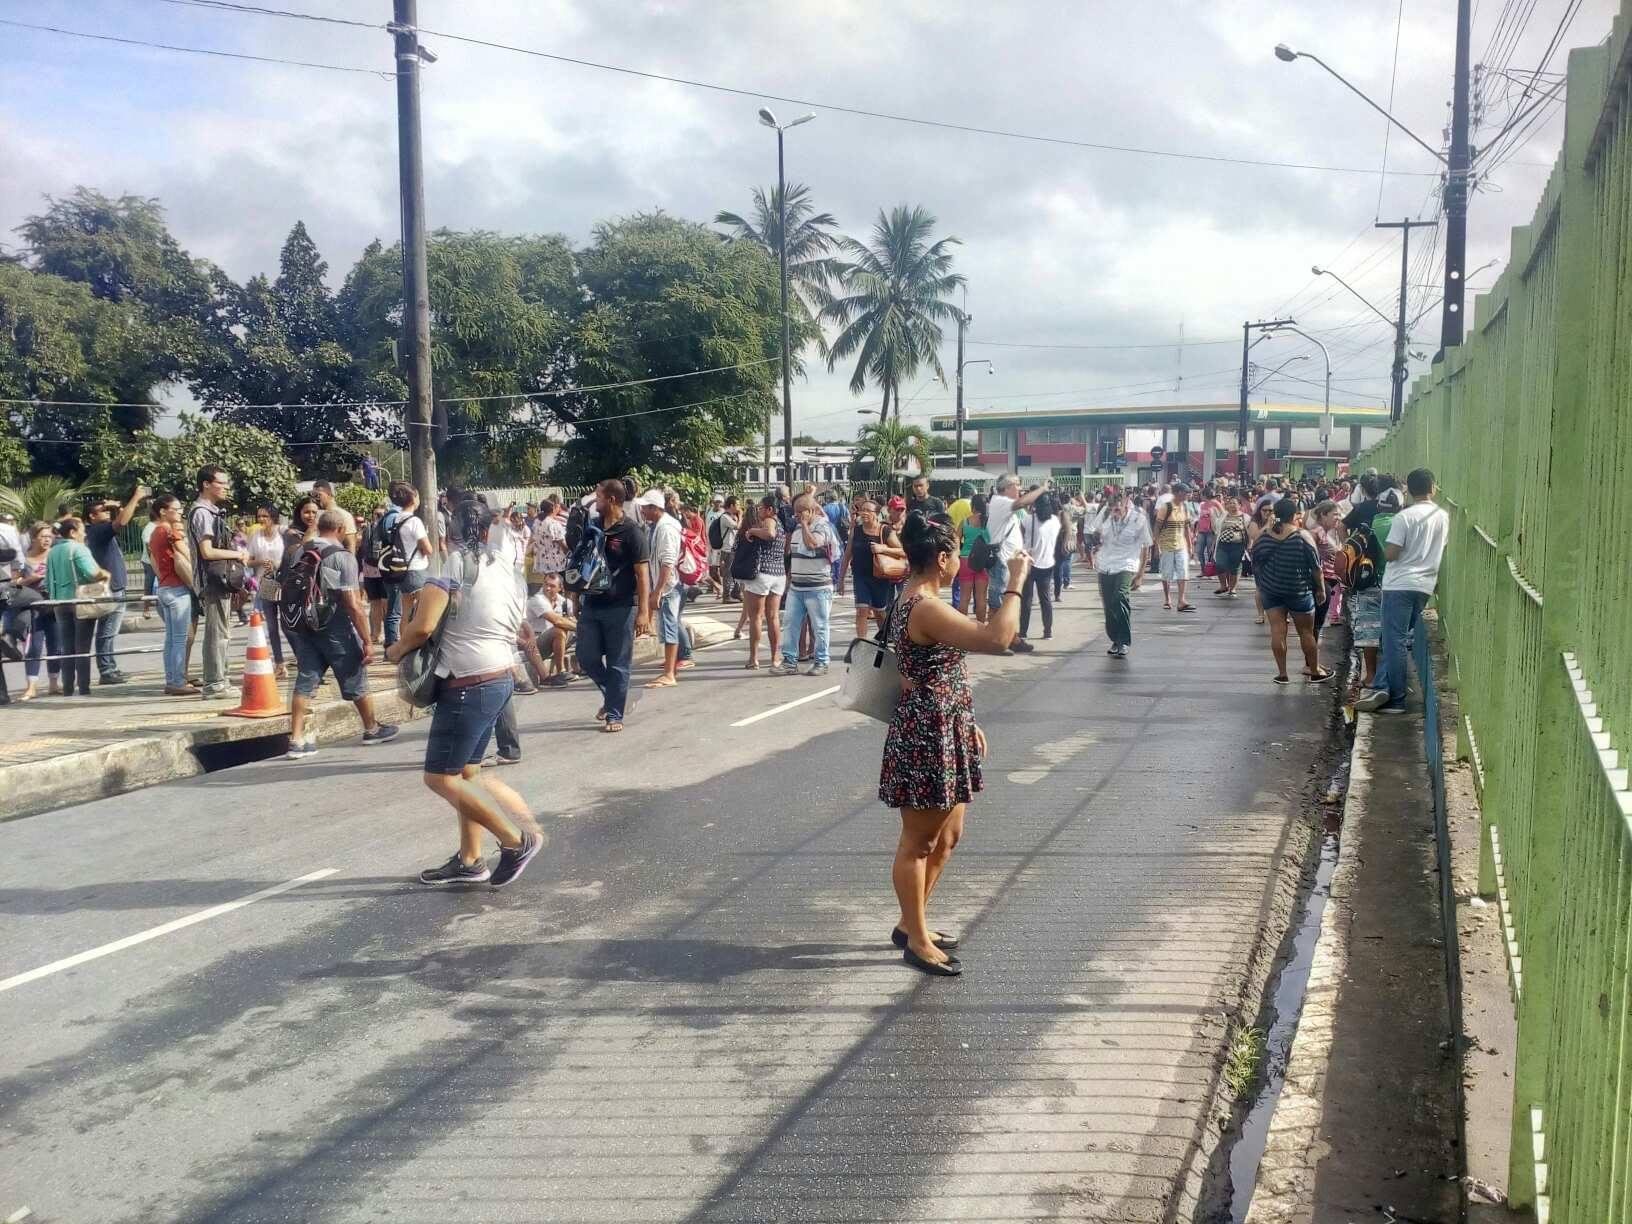 33745188 10214225988555522 5011604712714141696 n - RUAS, GARAGEM DE EMPRESA E INTEGRAÇÃO FECHADAS: manifestantes impedem entrada e saída de ônibus